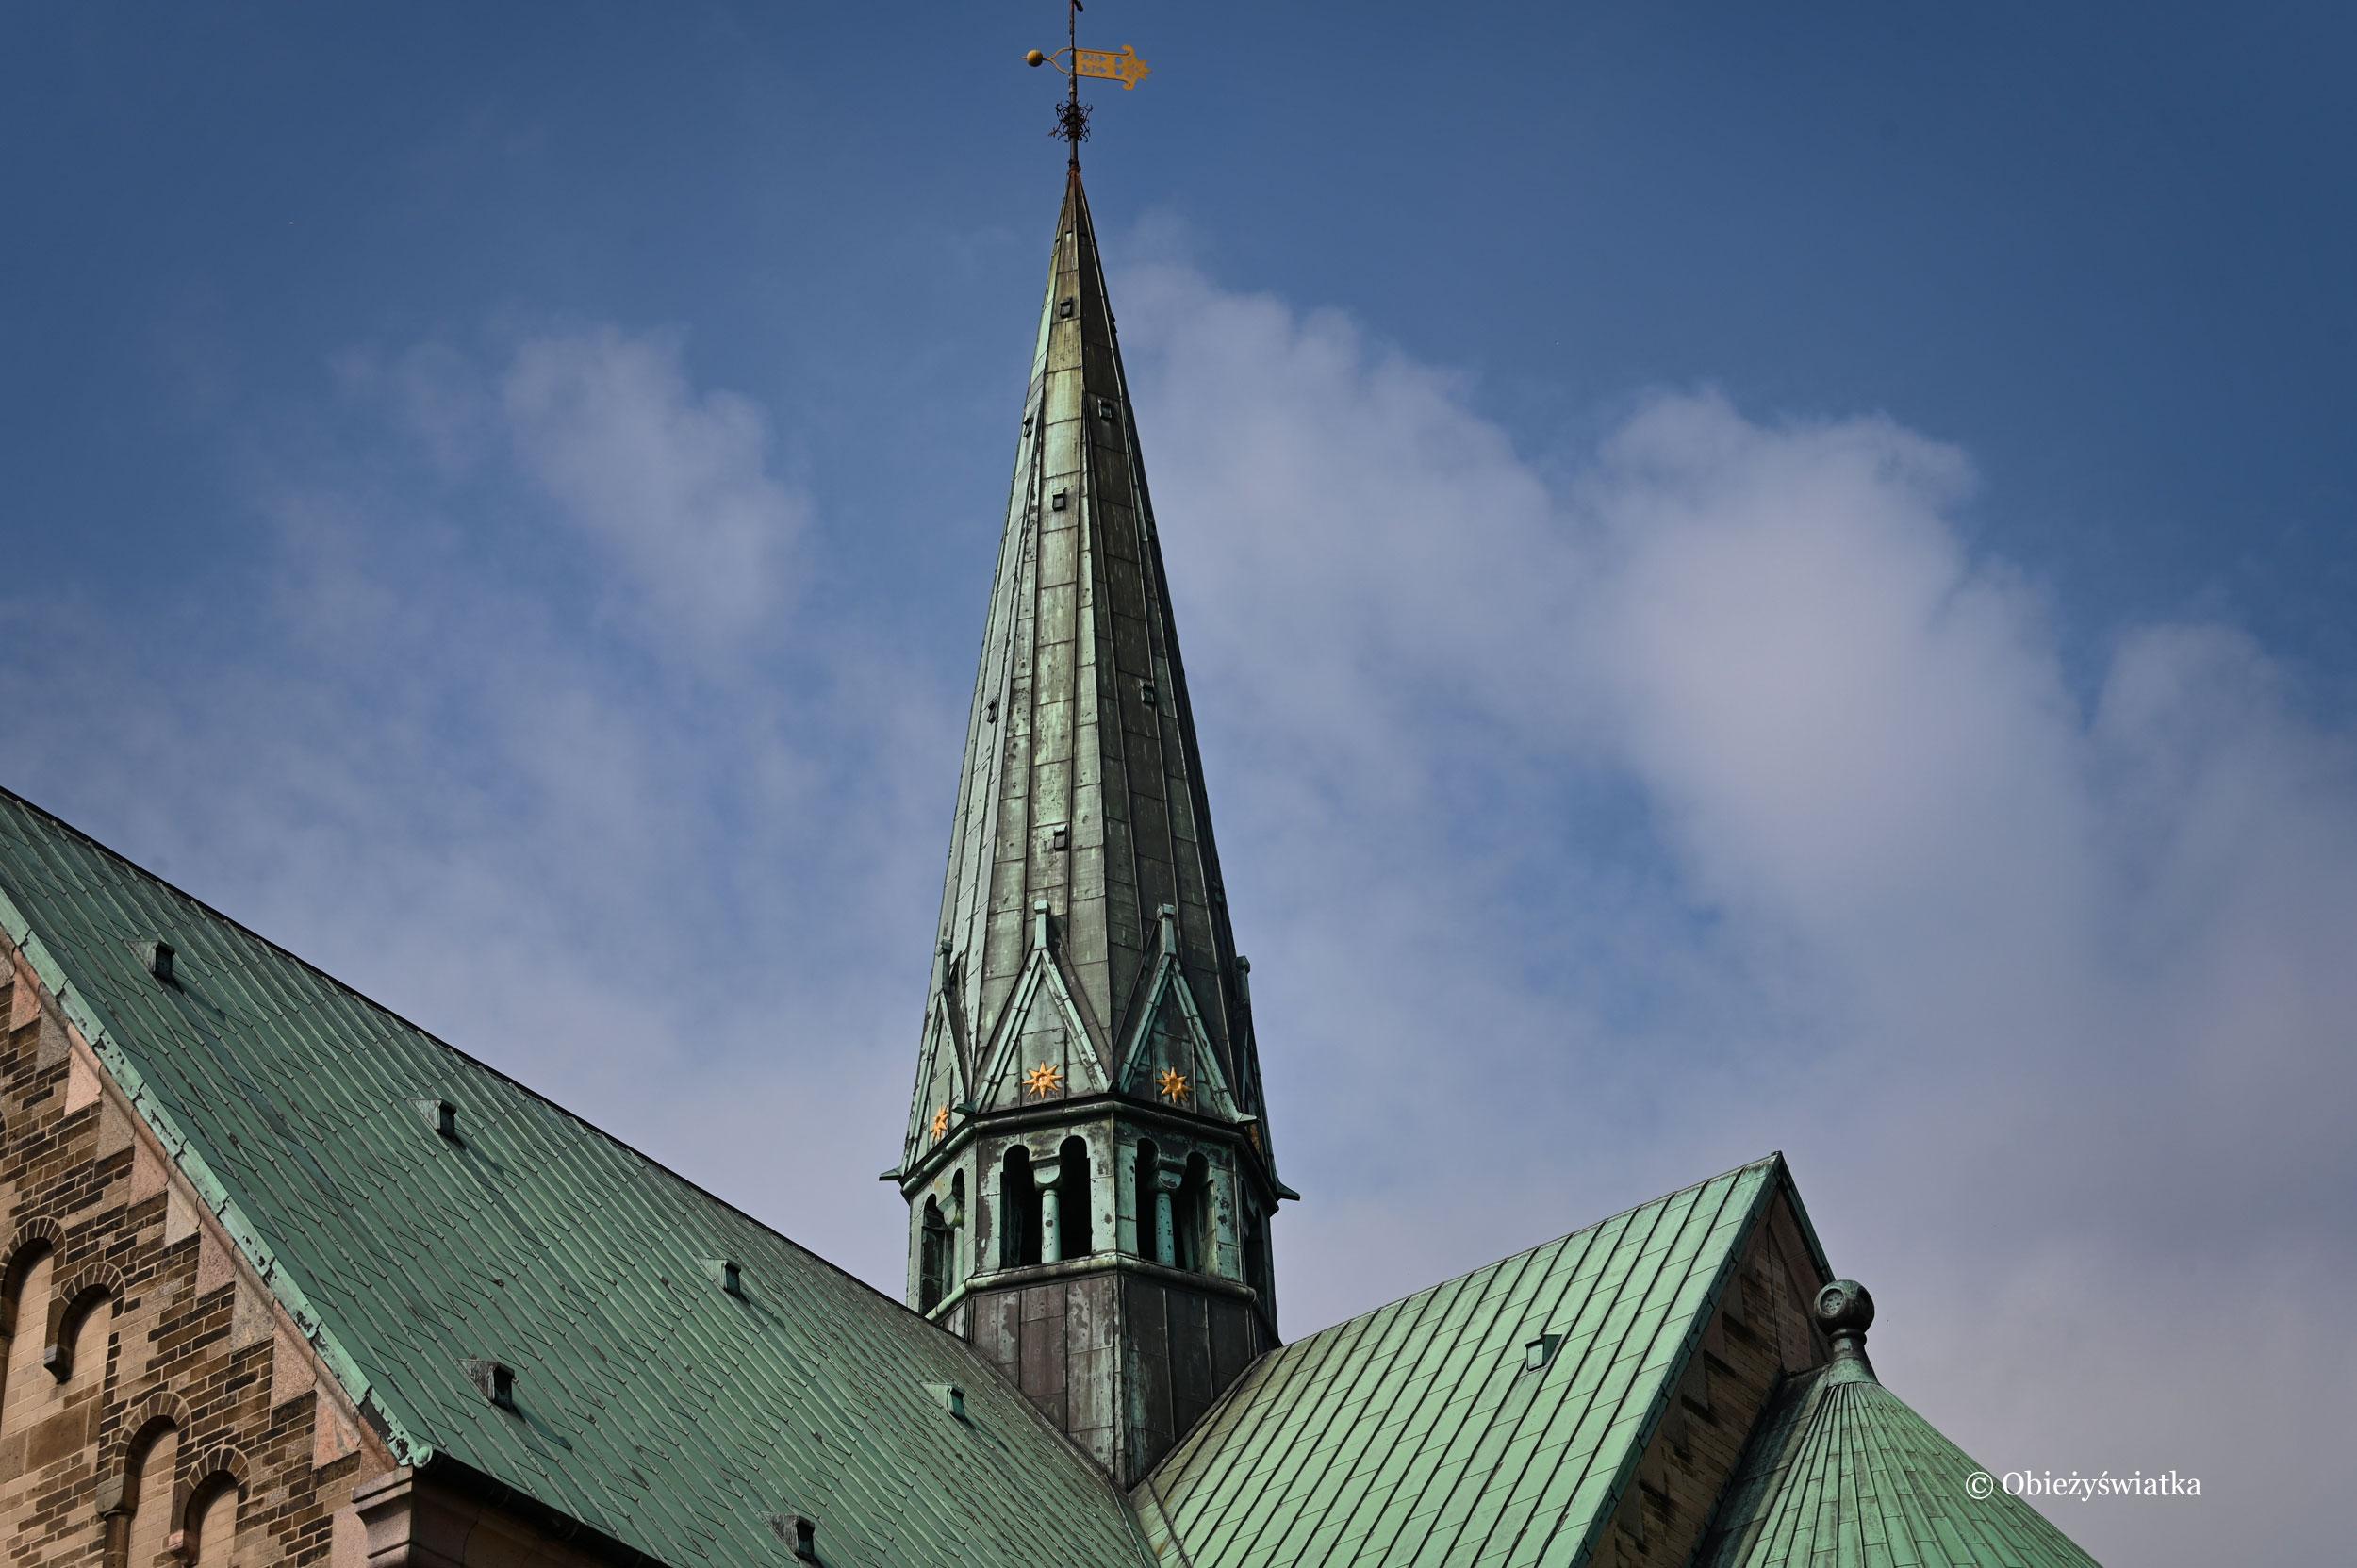 Jedna z wież Katedry w Ribe, Dania